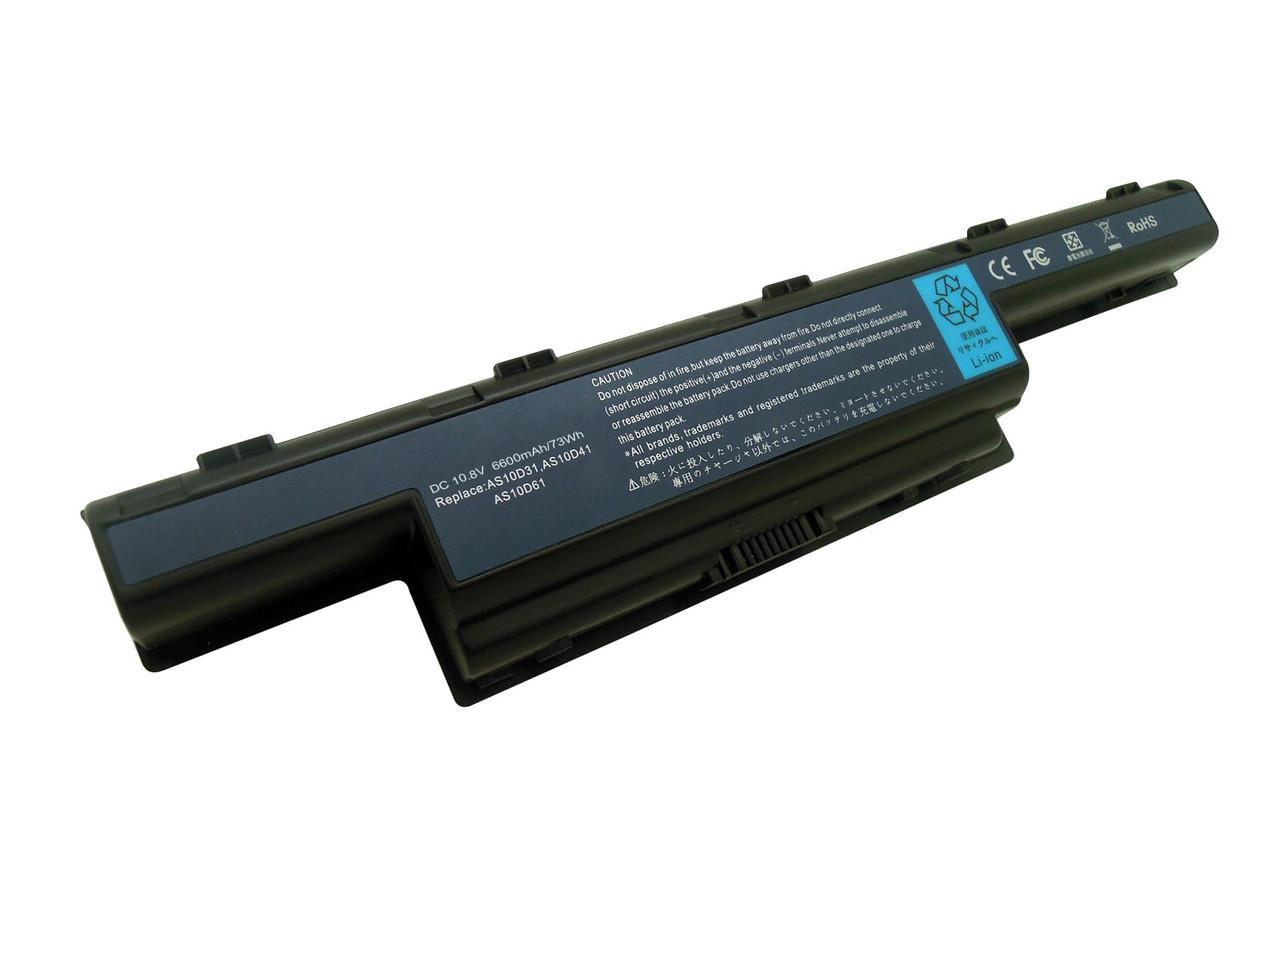 Батарея для ноутбука ACER Aspire 5336-901G25Mnkk